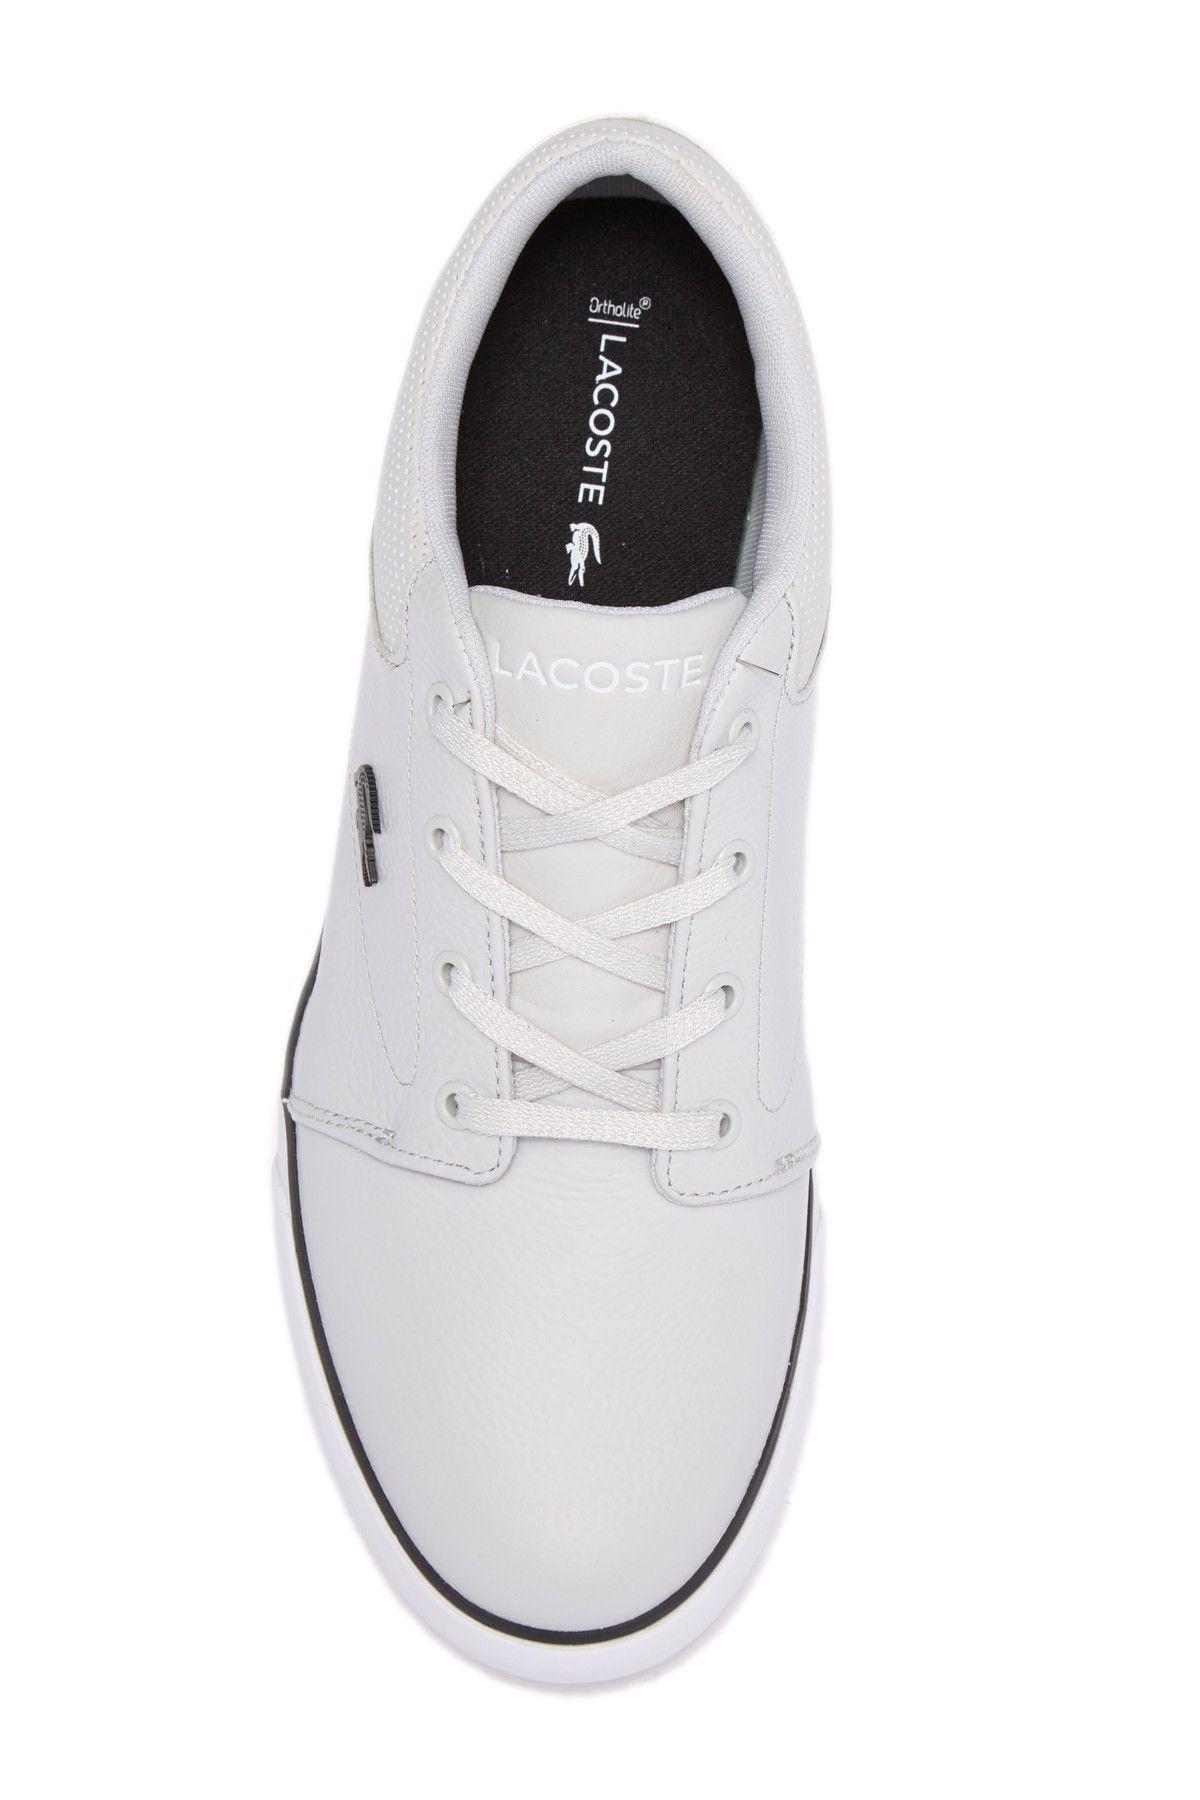 Lacoste | Minzah Leather Sneaker